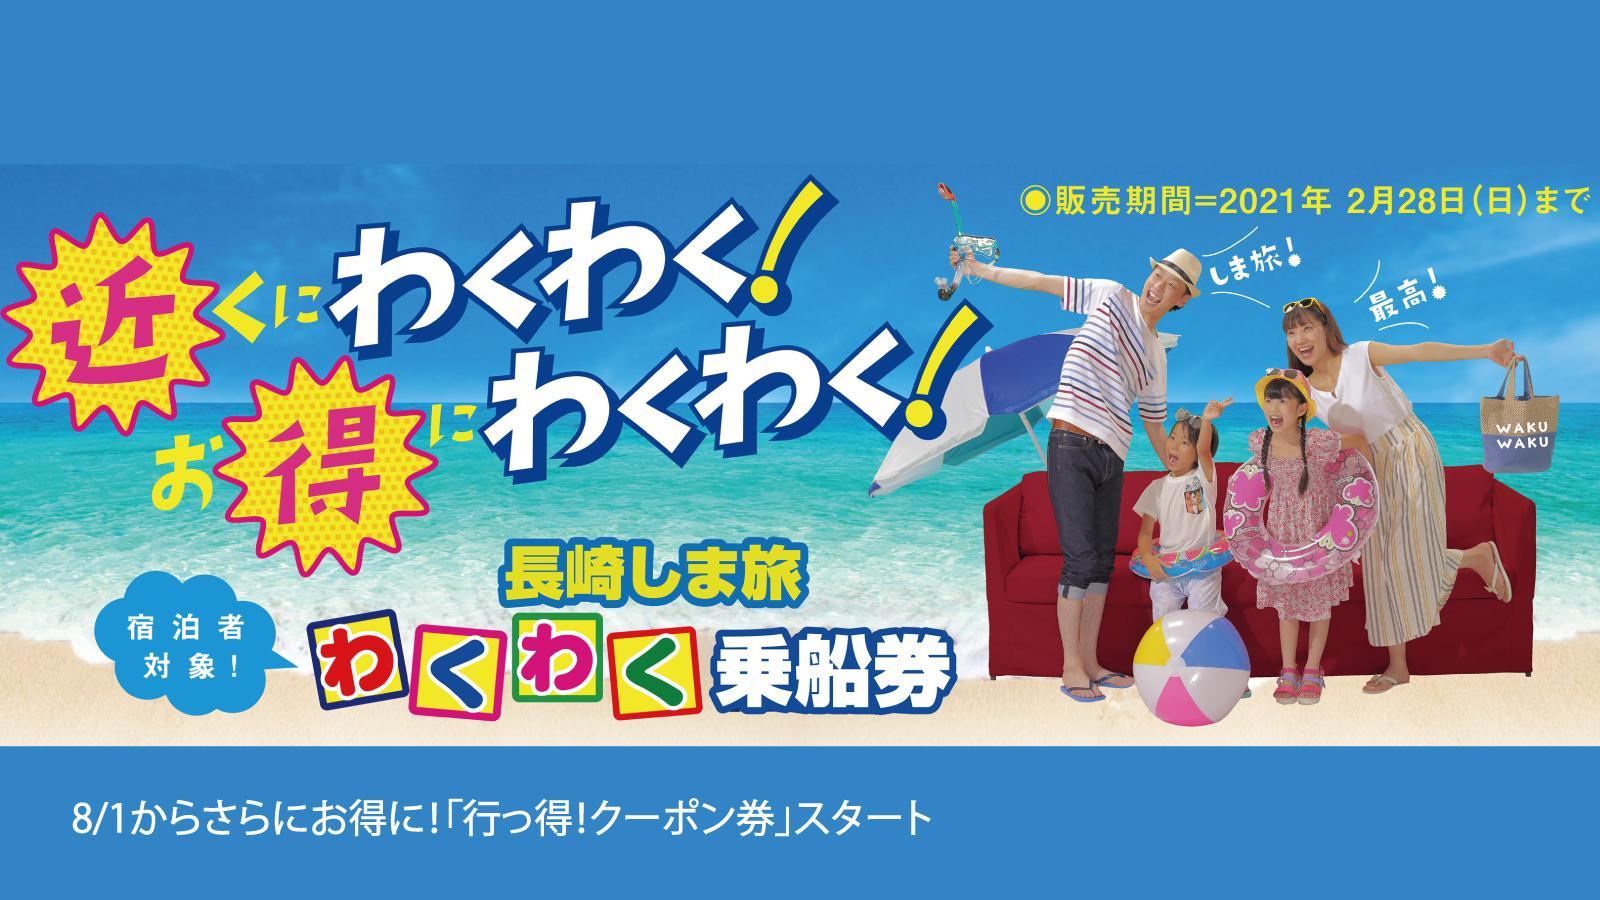 長崎しま旅 わくわく乗船券 8/1からさらにお得に!「行っ得!クーポン券」スタート-1